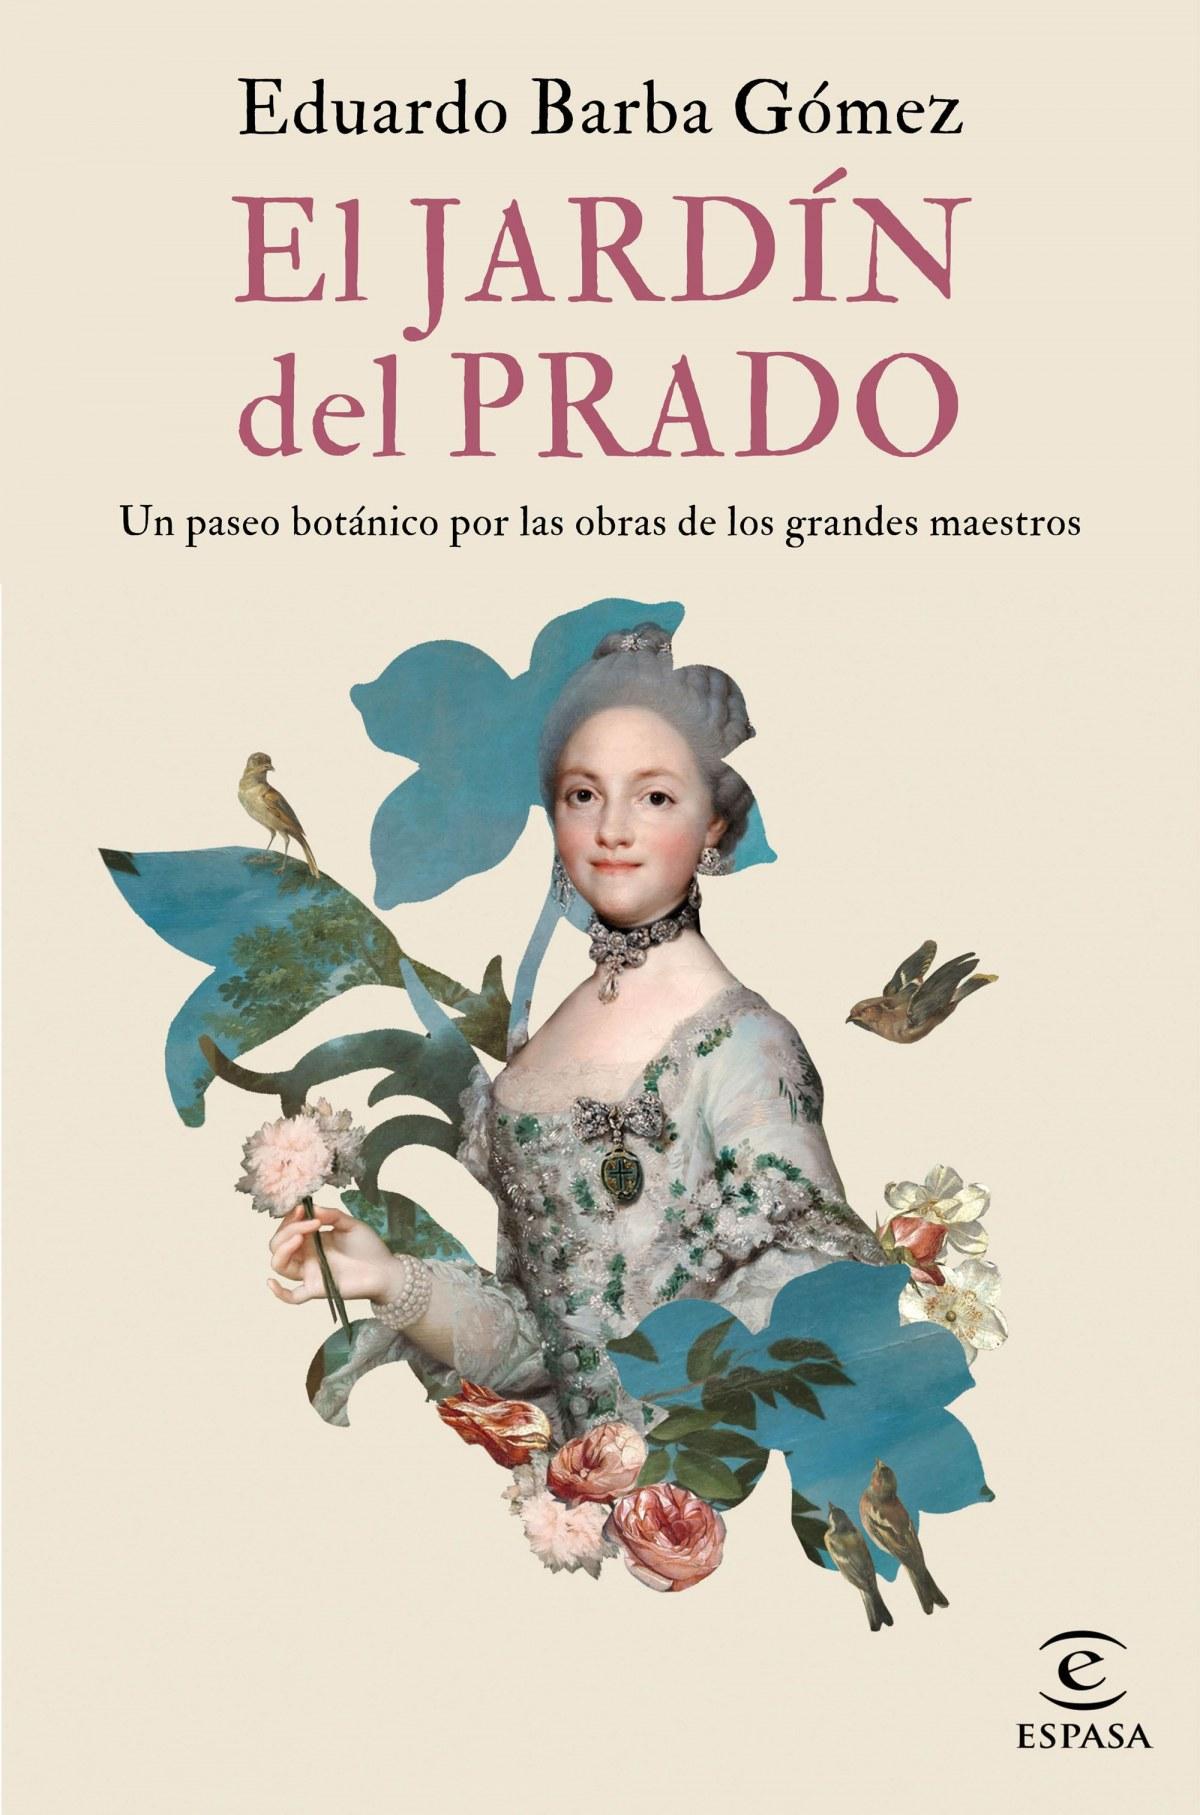 El jard¡n del Prado 9788467058352